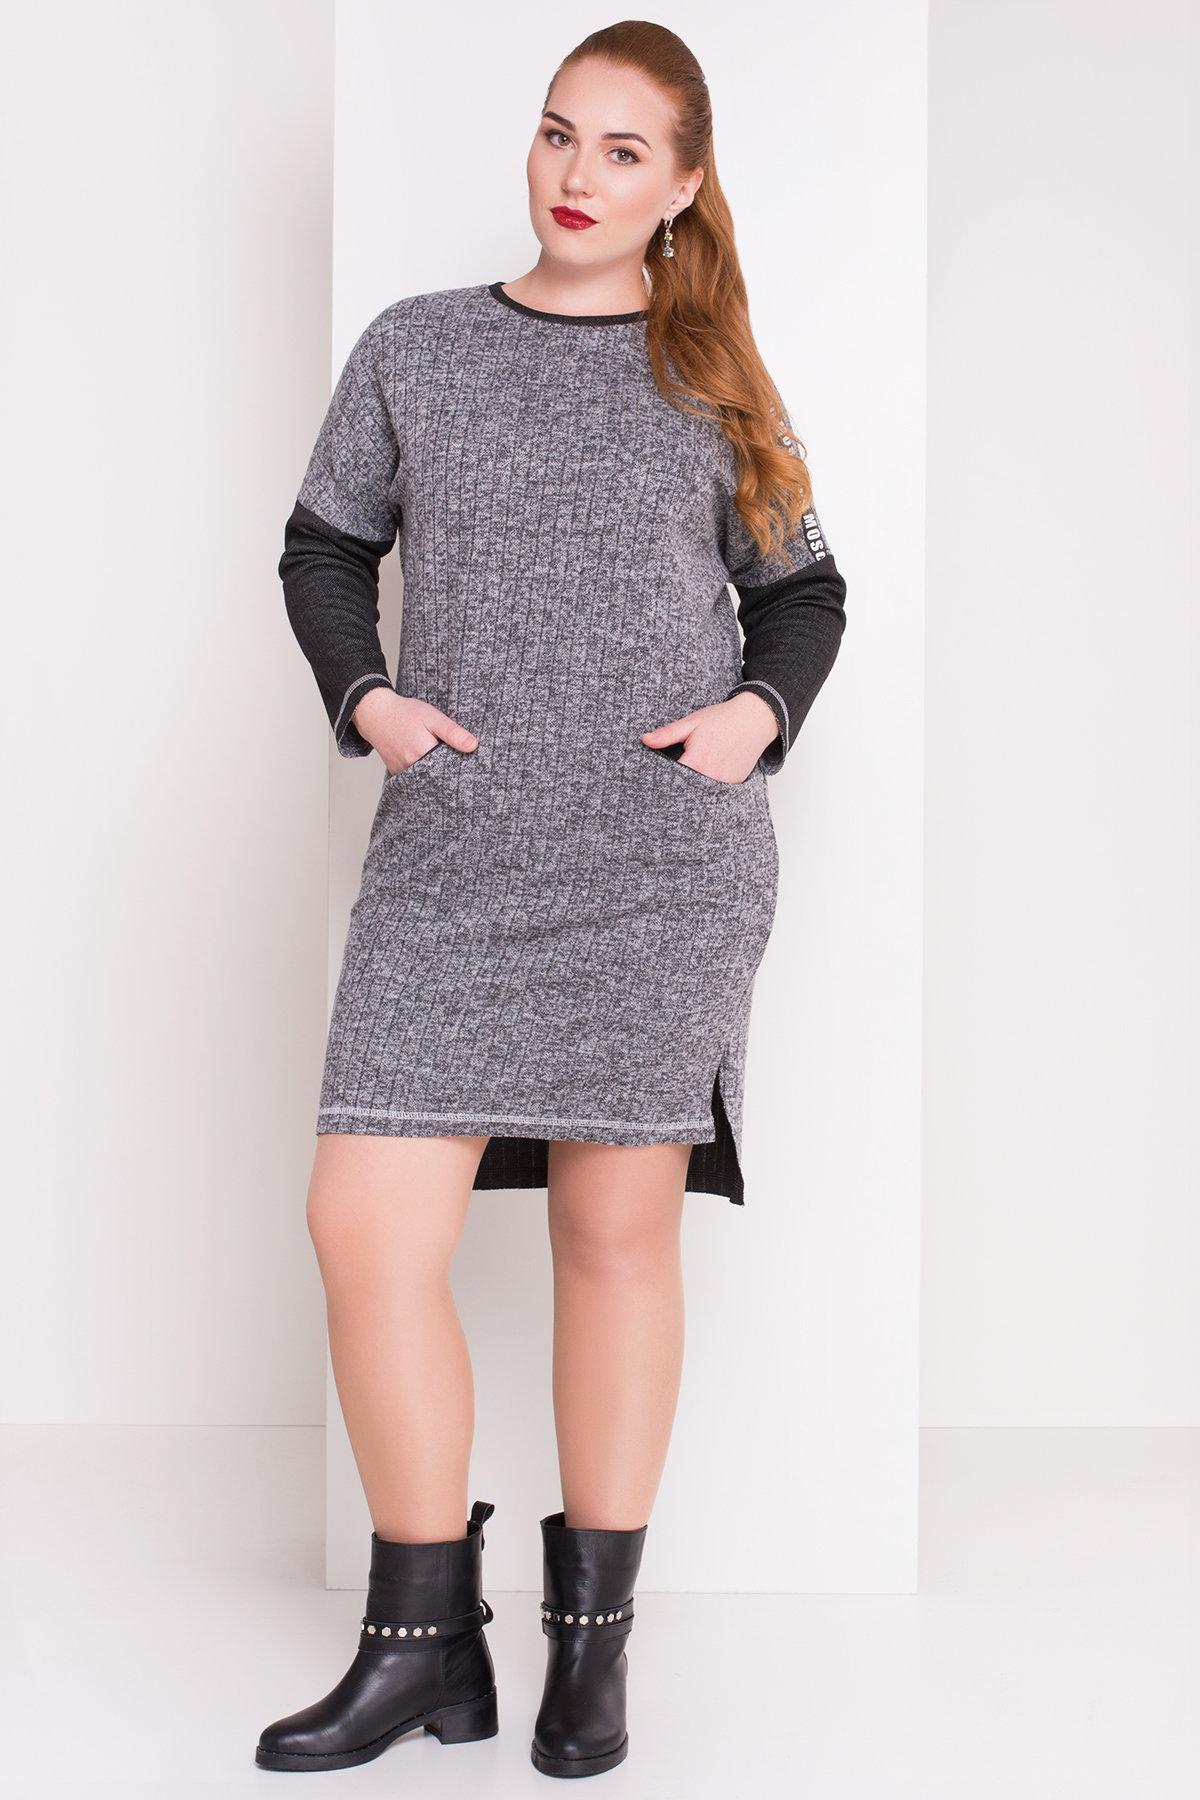 73eb787f8c6e Купить Платье 0068 оптом в России   Цвет